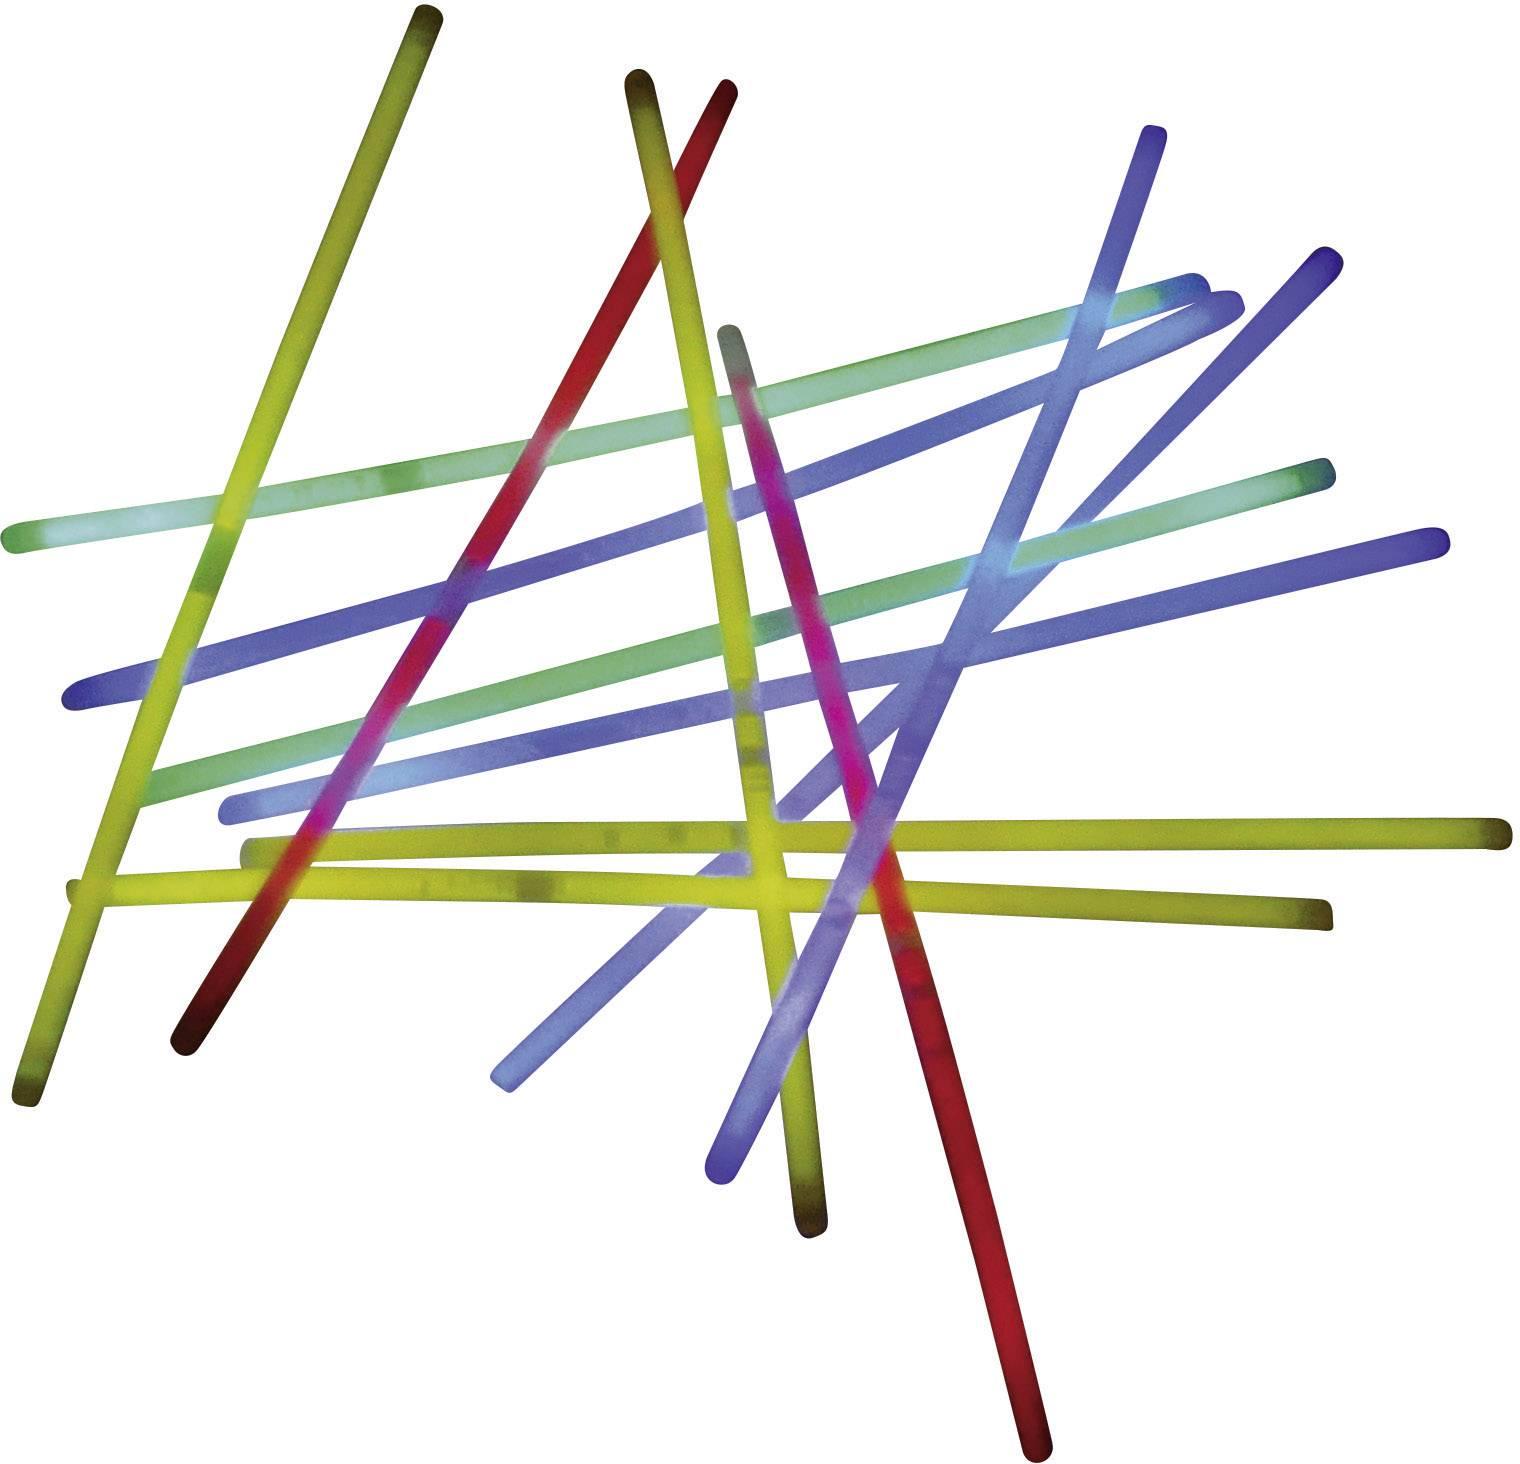 Sada svítících tyčí Snappy 700084, 20 cm, 50dílná, barevná